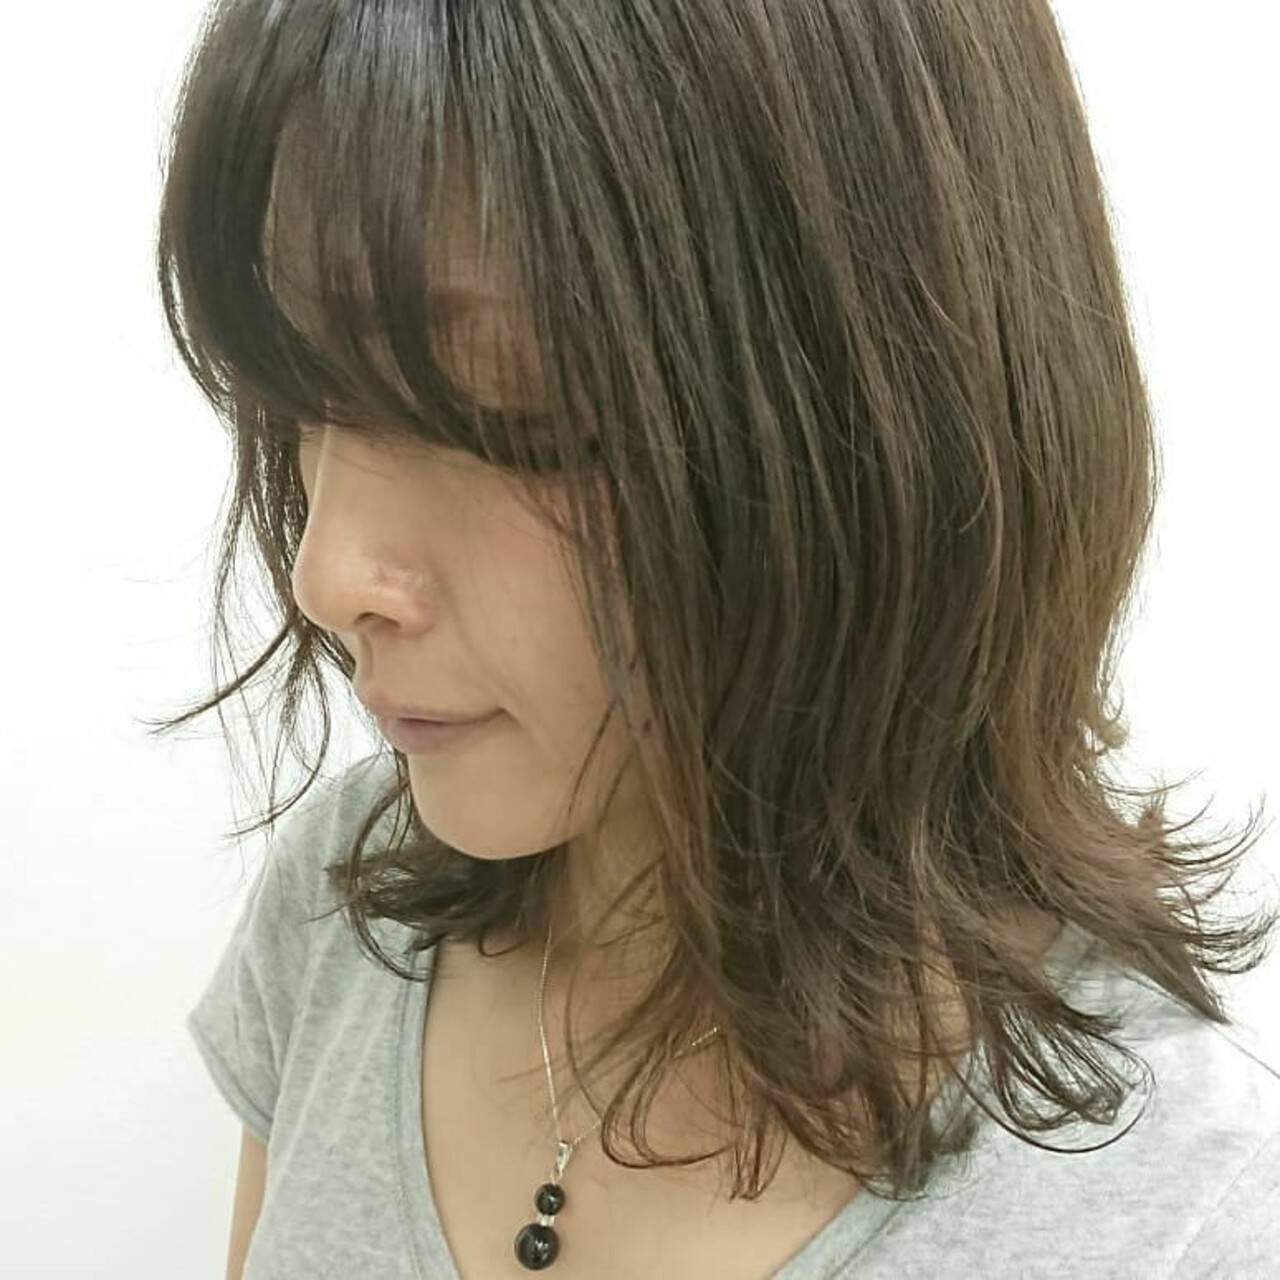 グレージュ ウルフカット ミディアム 大人女子ヘアスタイルや髪型の写真・画像